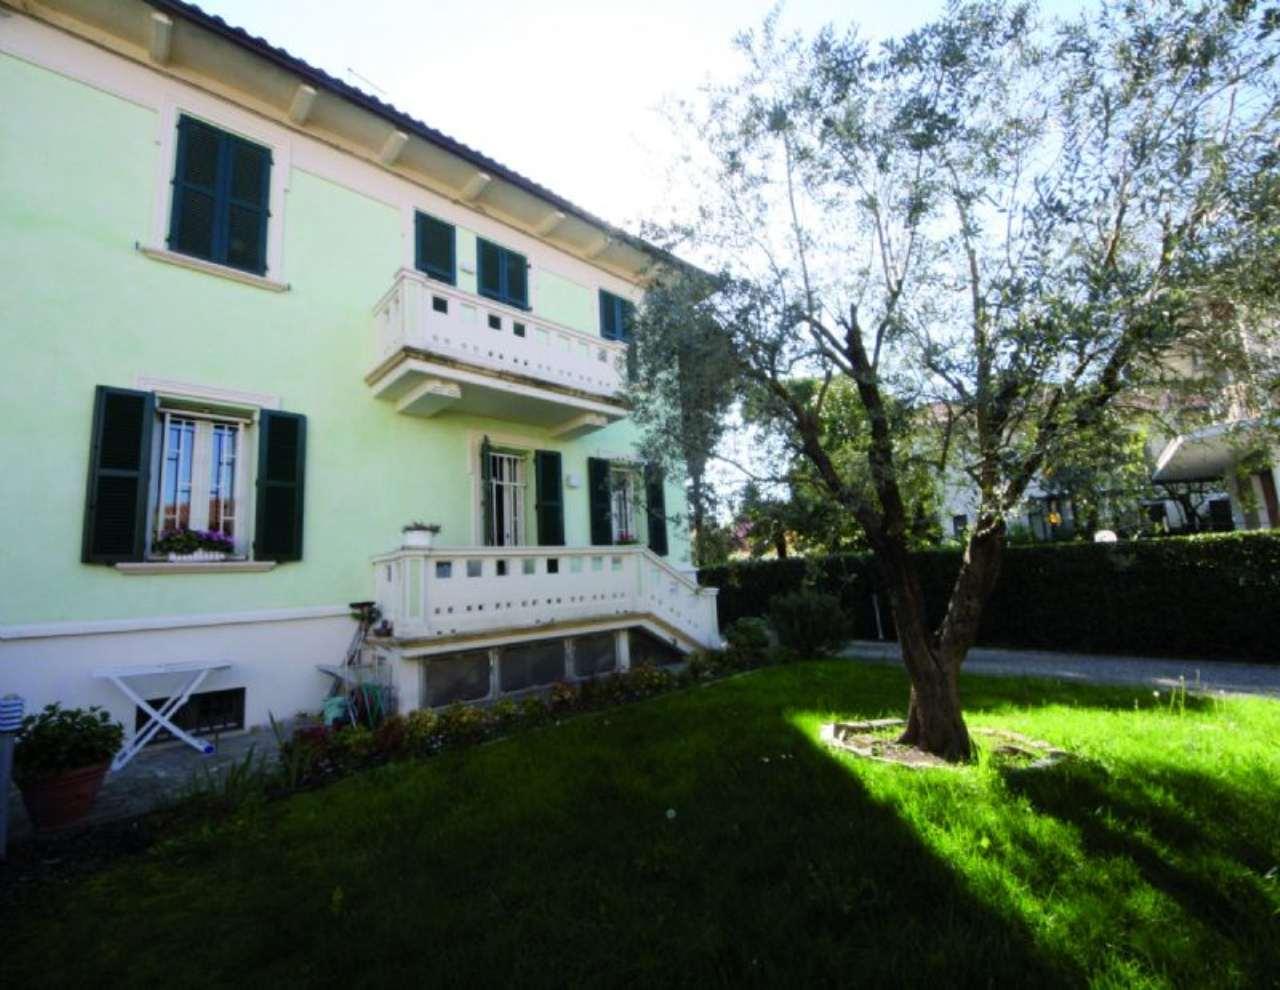 Villa Bifamiliare in vendita a Cesena, 10 locali, Trattative riservate | Cambio Casa.it